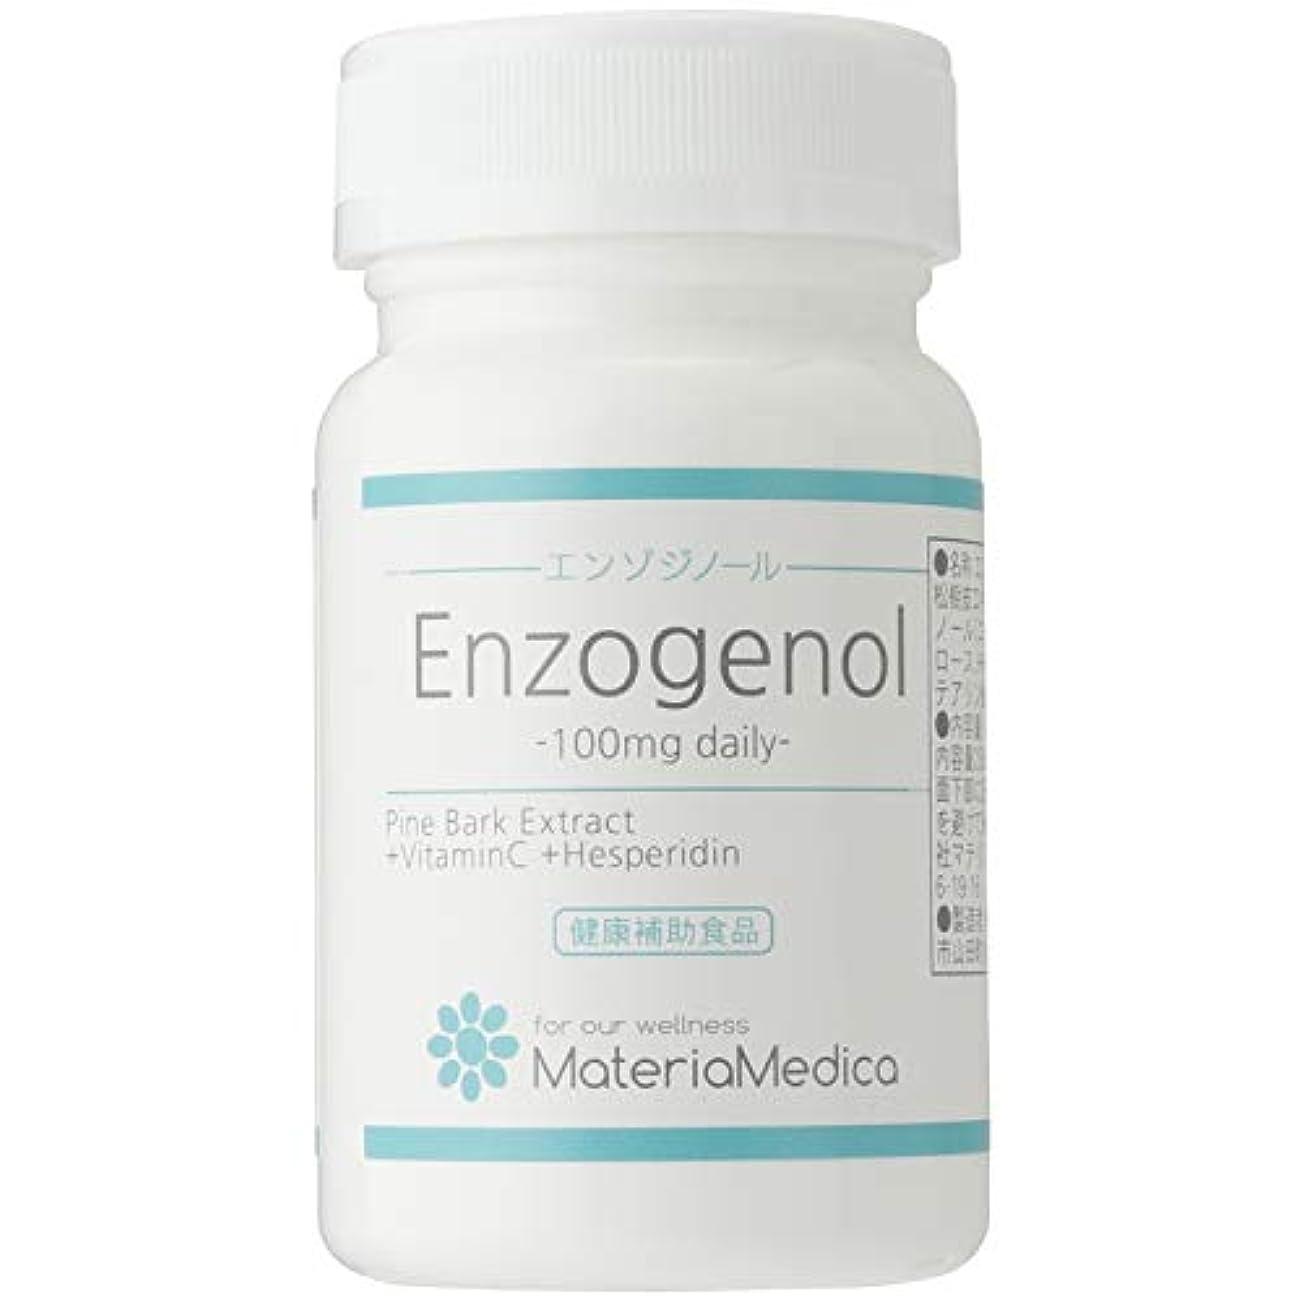 細胞不純リンクエンゾジノール 100mg daily 60粒 30日分